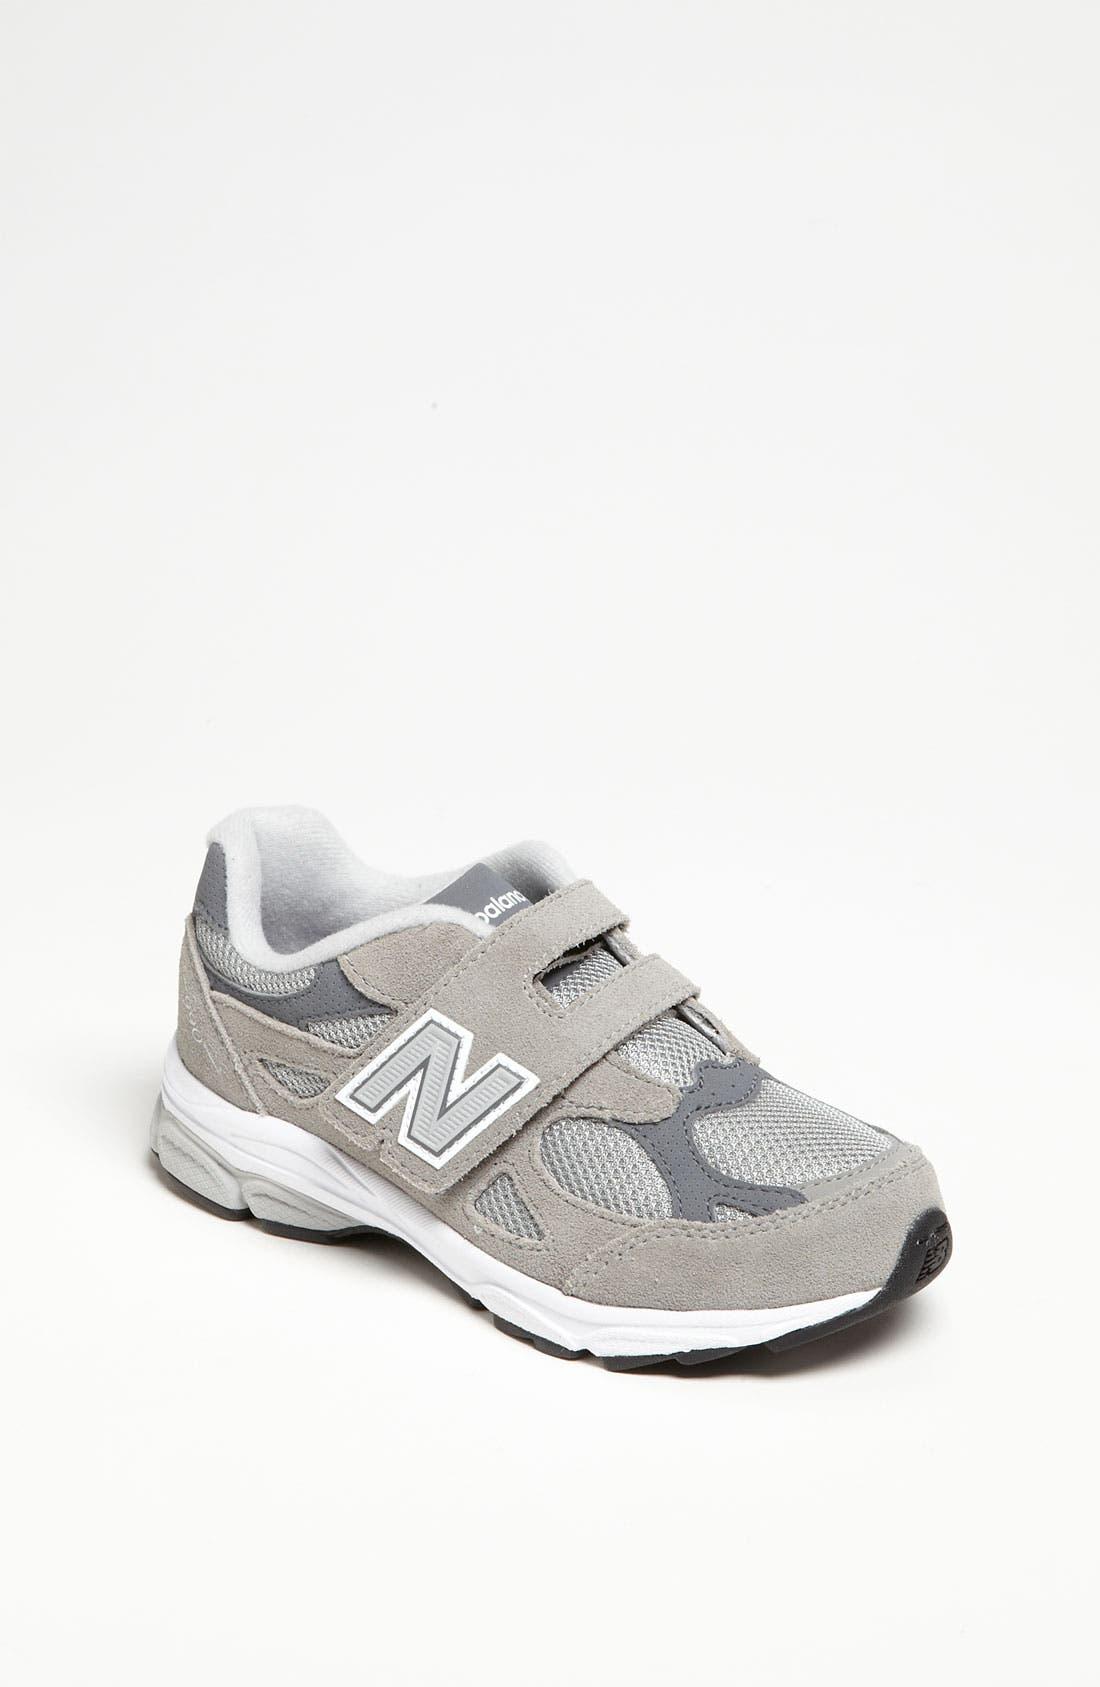 Alternate Image 1 Selected - New Balance '990' Sneaker (Baby, Walker, Toddler & Little Kid)